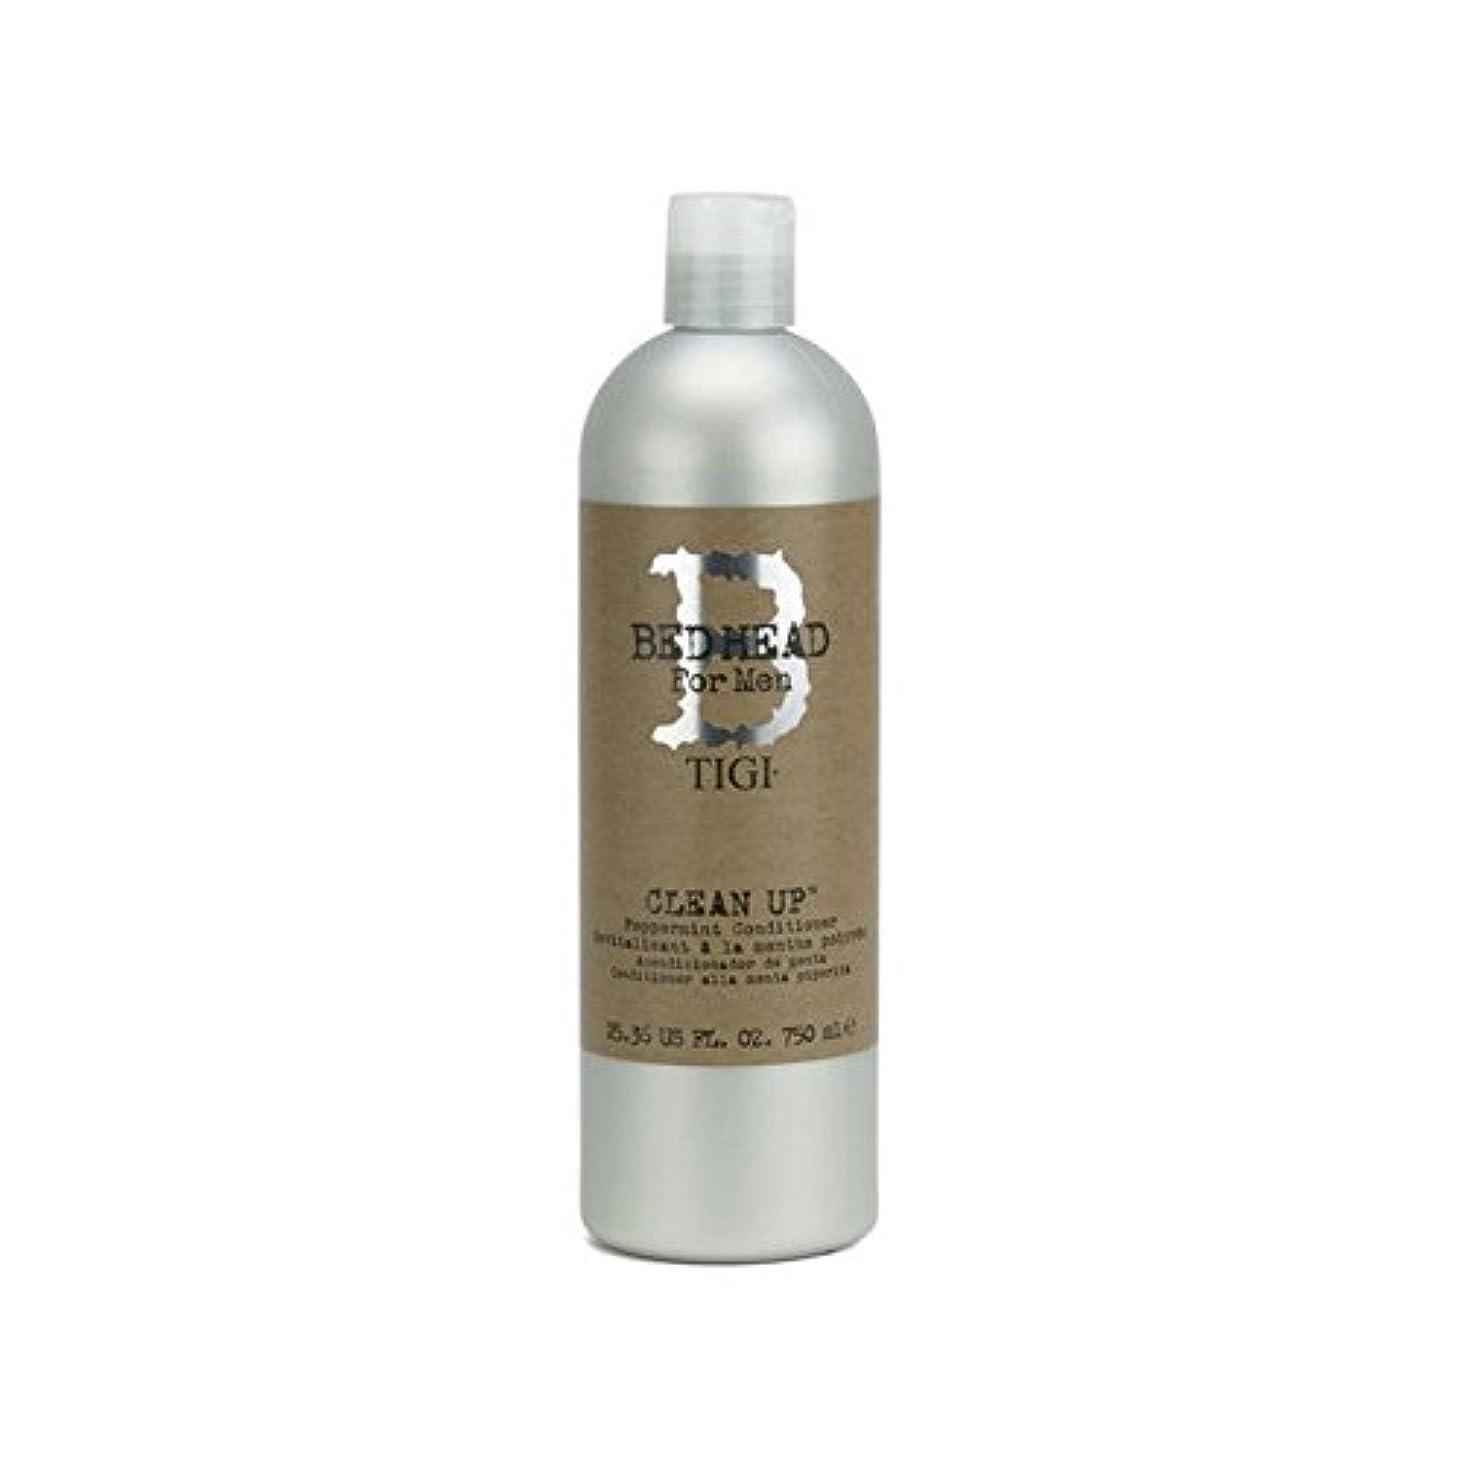 あご典型的な賛辞Tigi Bed Head For Men Clean Up Peppermint Conditioner (750ml) (Pack of 6) - ペパーミントコンディショナーをクリーンアップする男性のためのティジーベッドヘッド(750ミリリットル) x6 [並行輸入品]